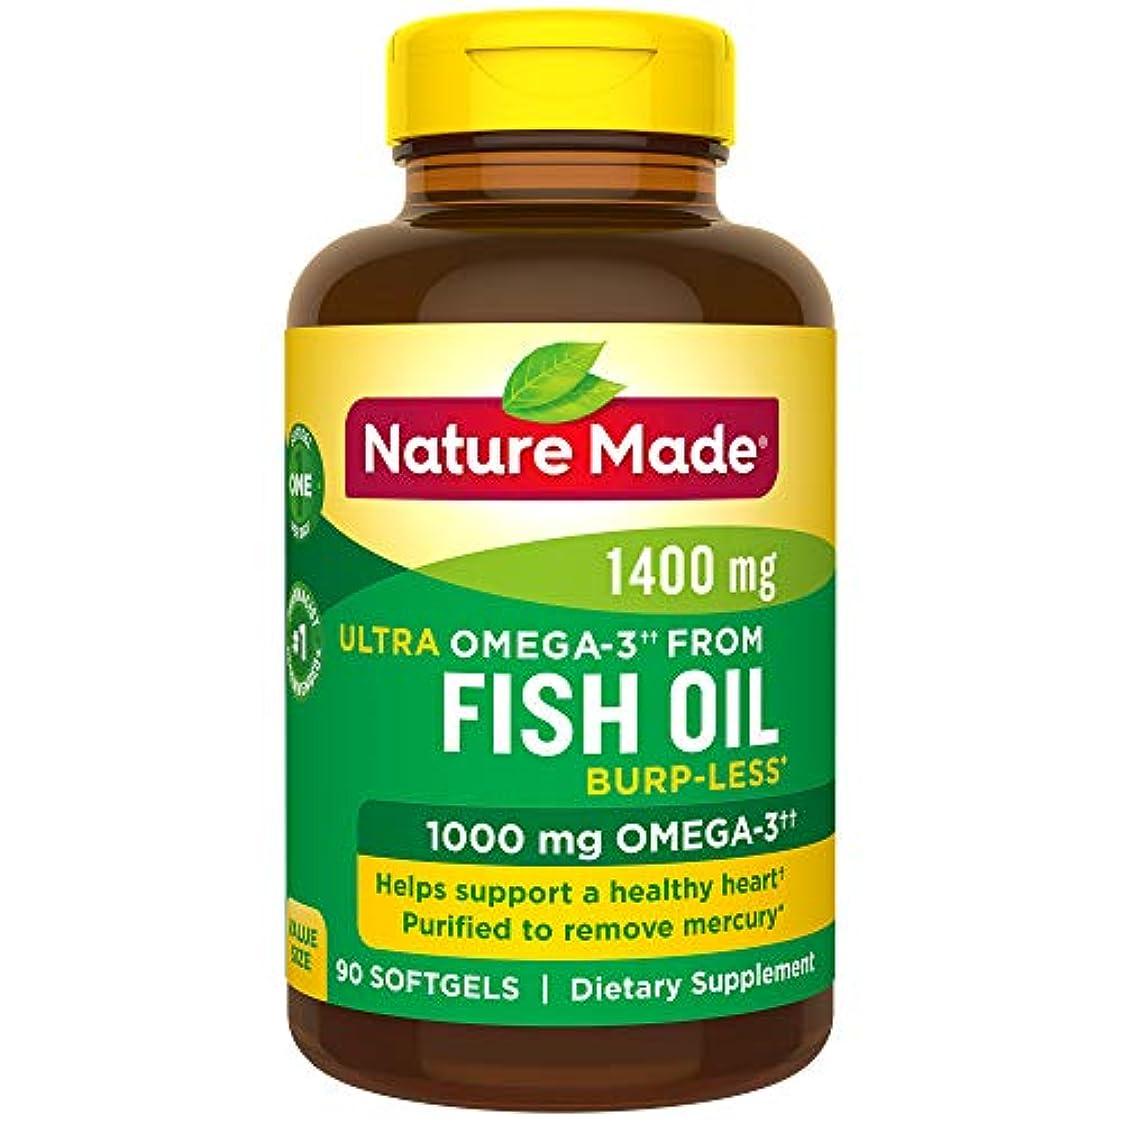 職業広々Nature Made Ultra Omega-3 Fish Oil Value Size Softgel, 1400 mg, 90 Count 海外直送品